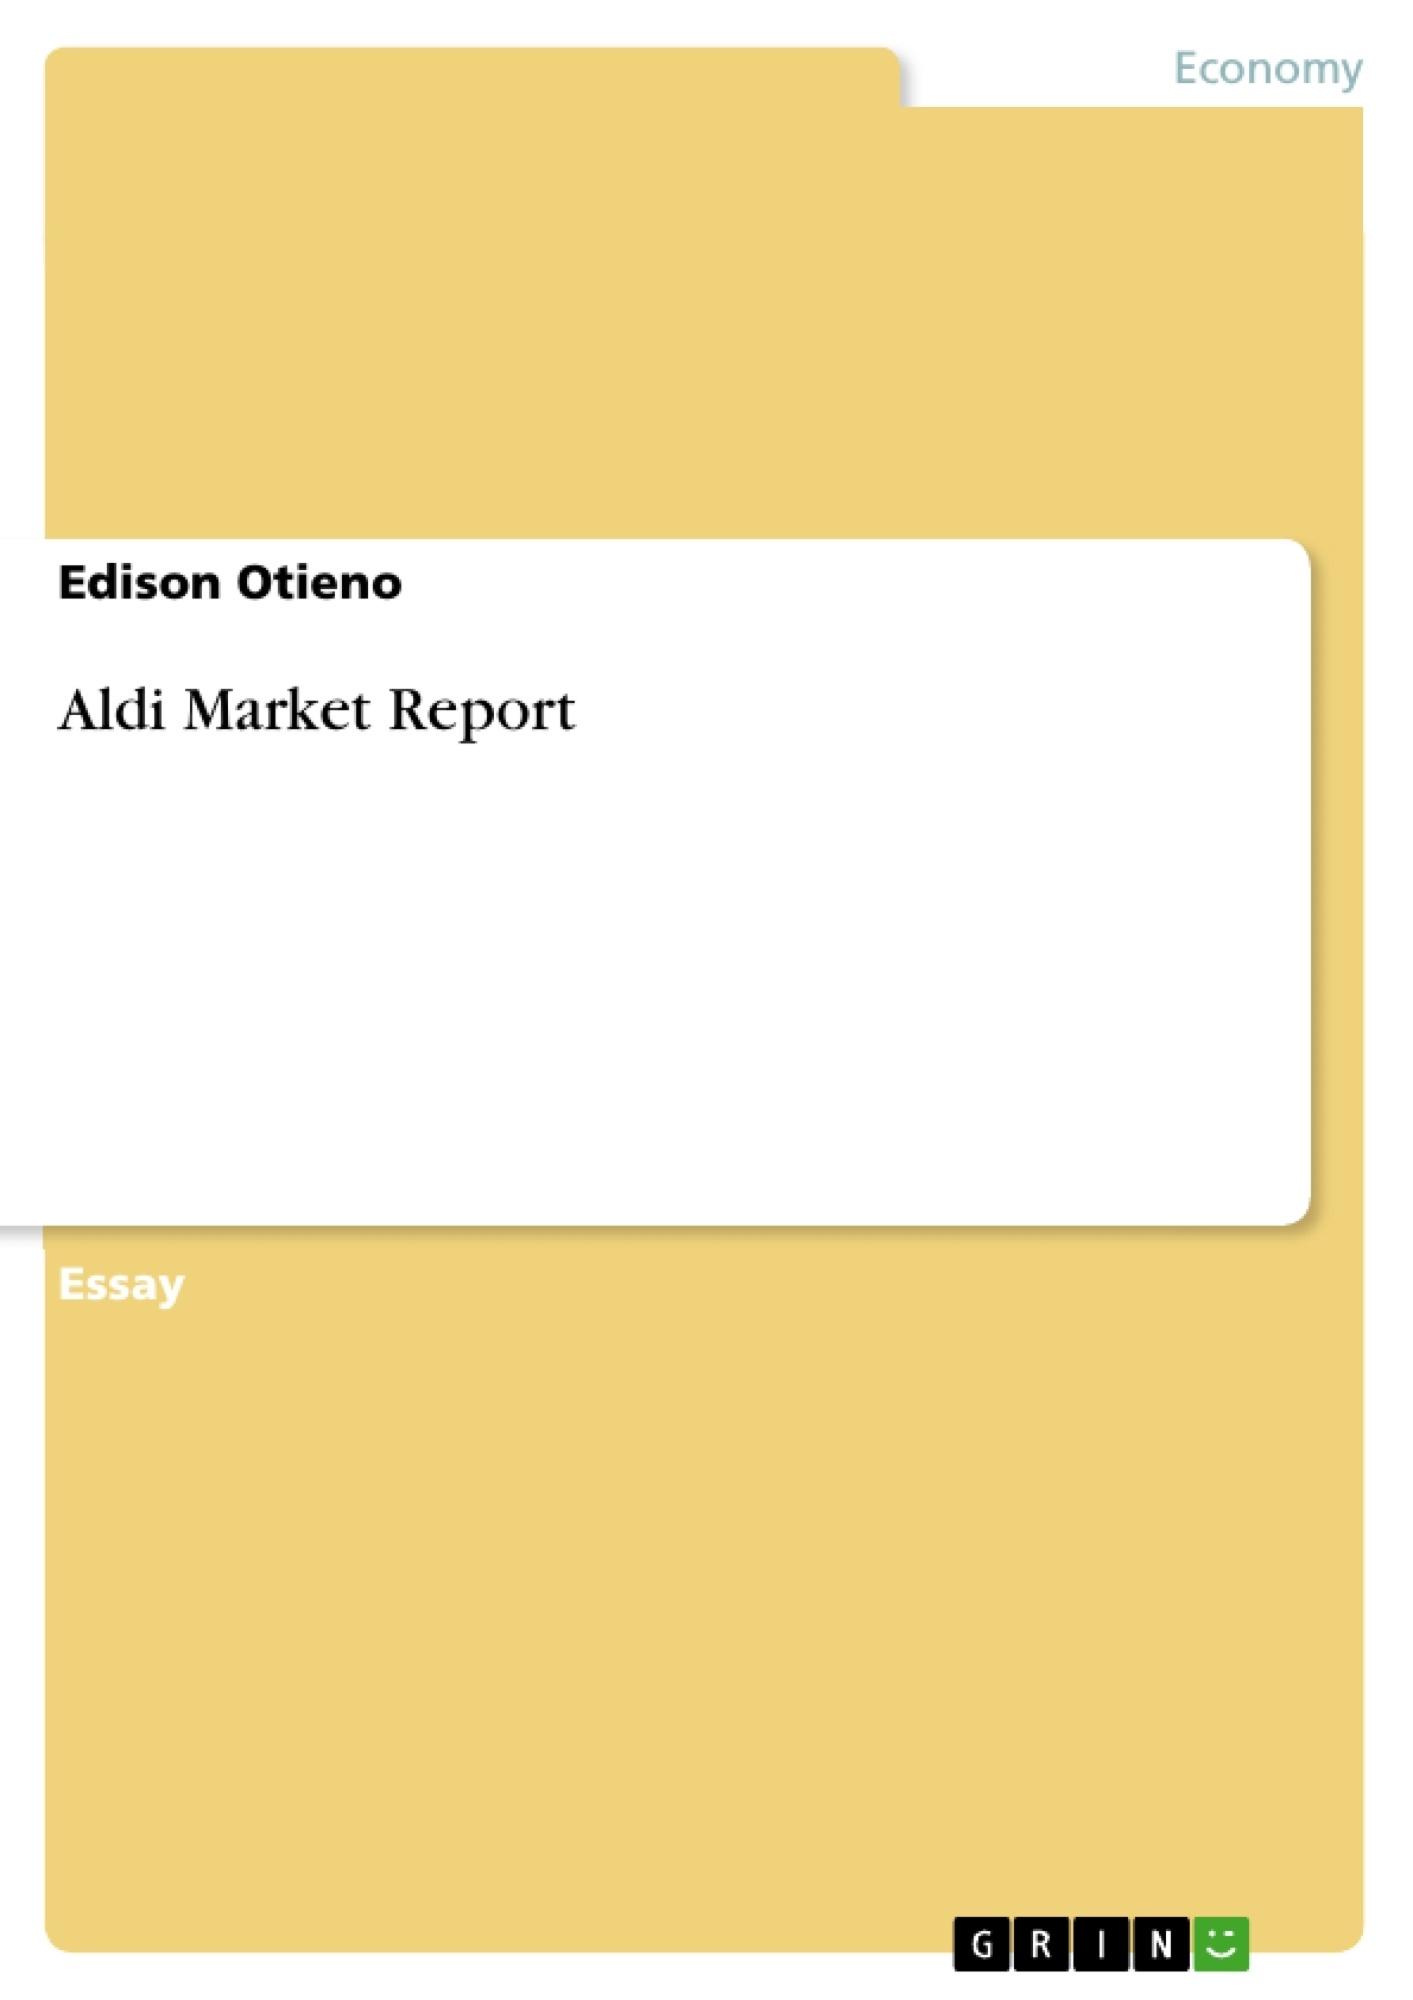 Title: Aldi Market Report